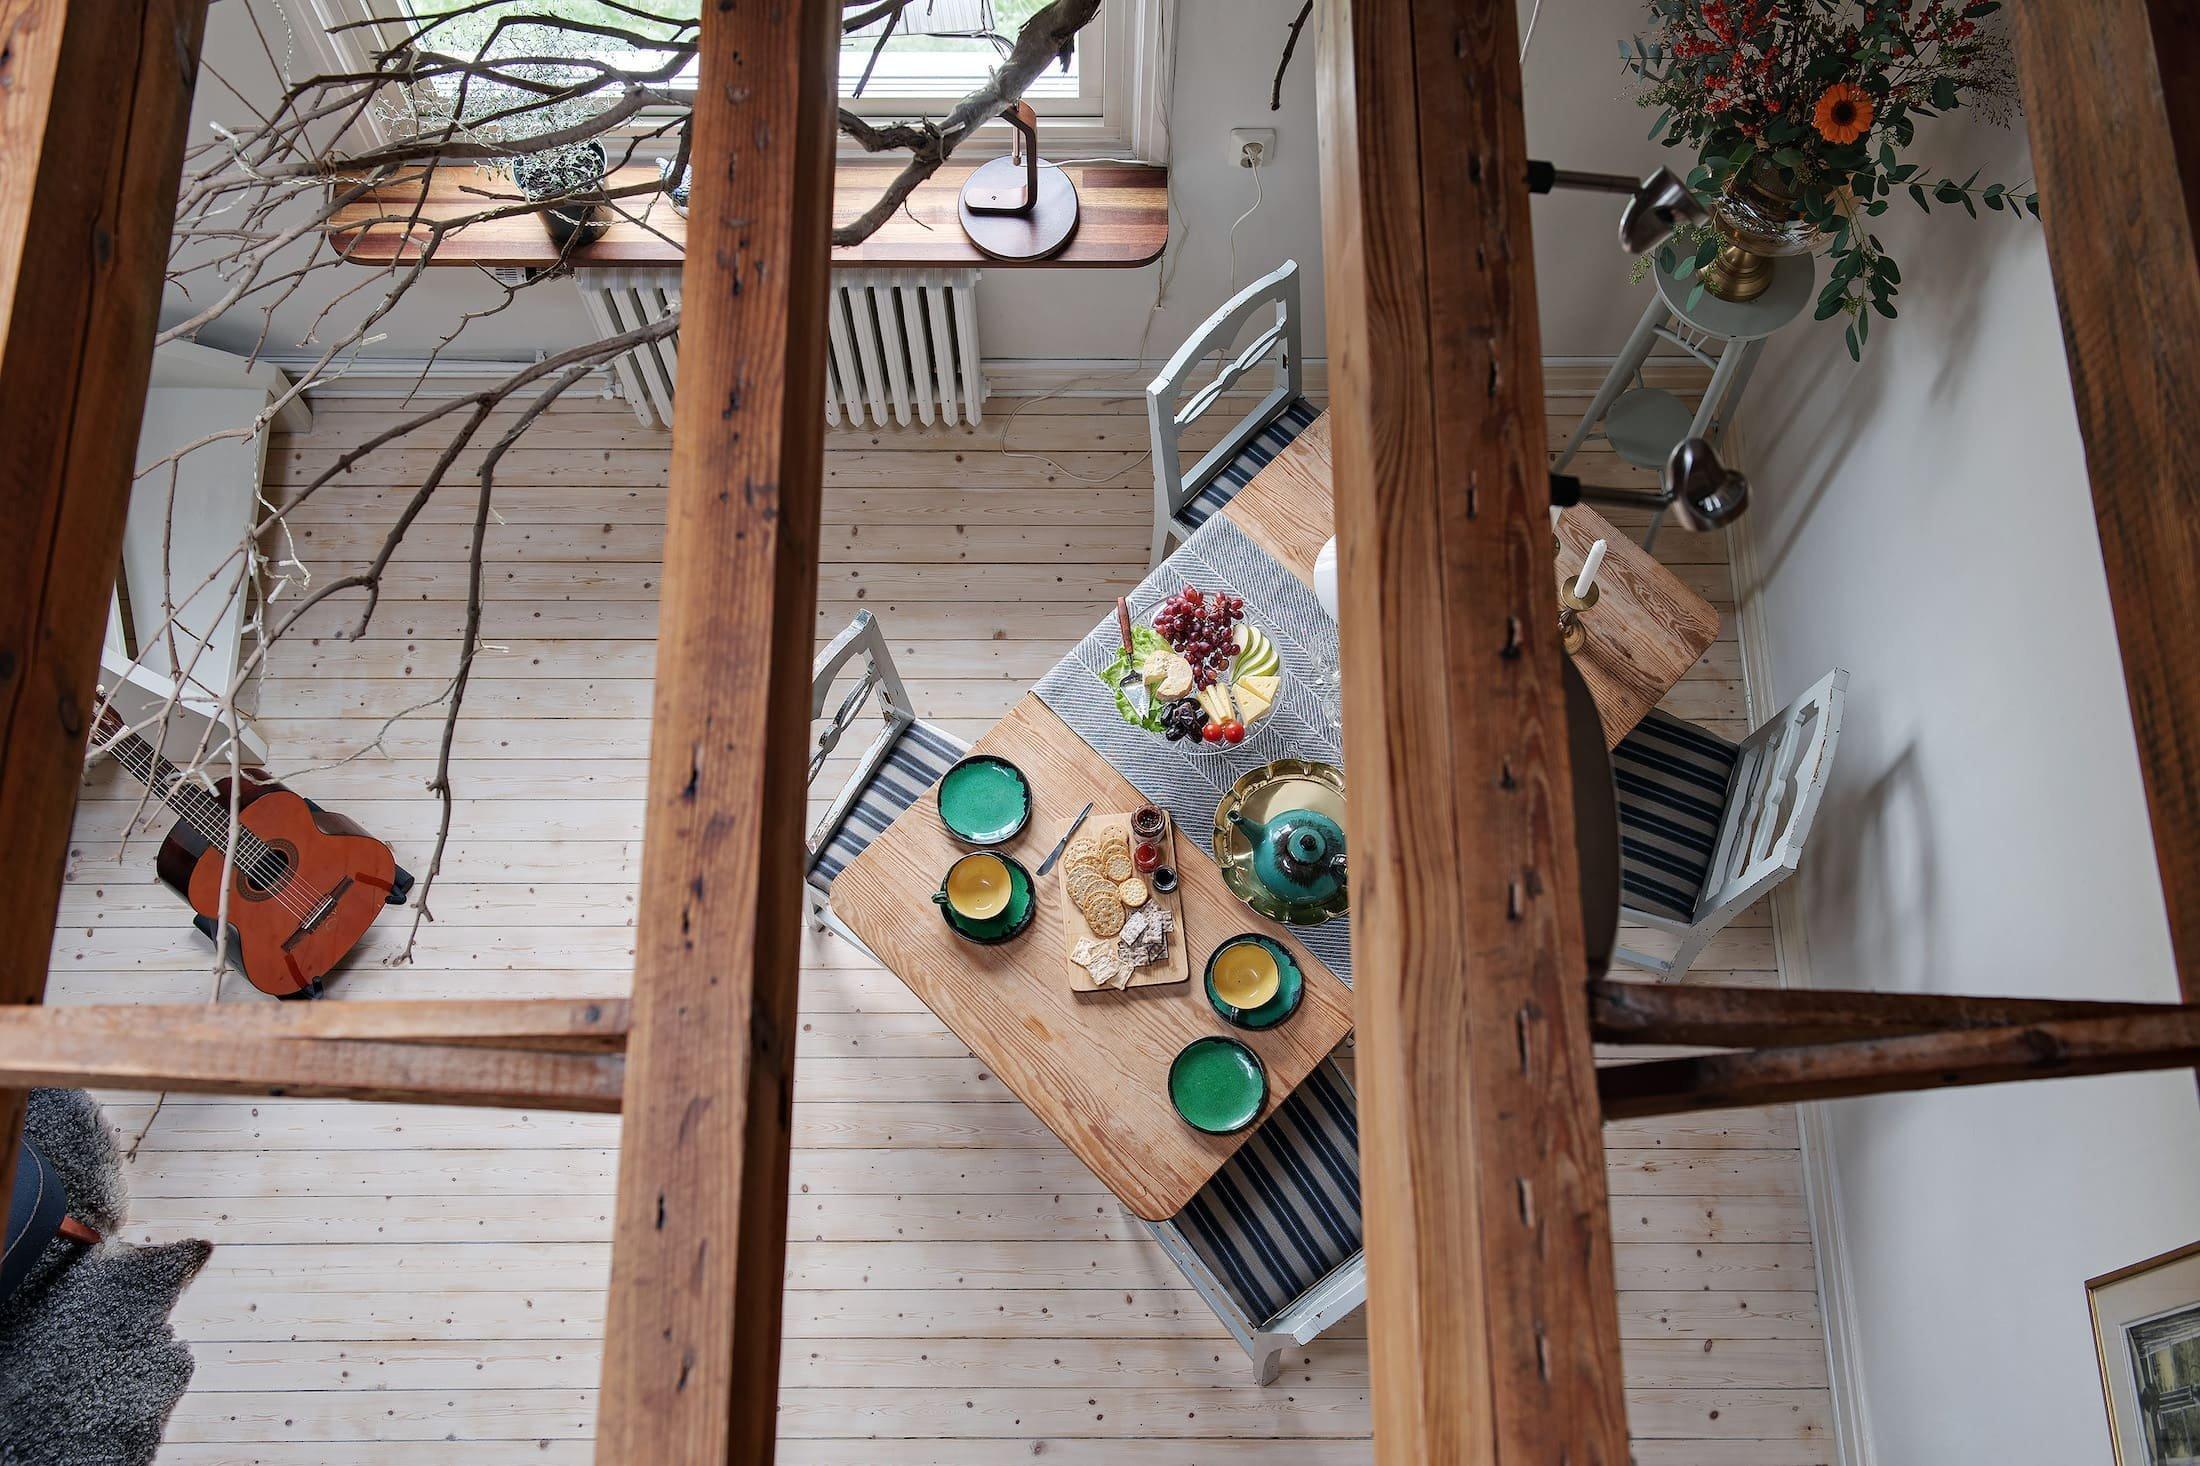 Skandinávské byty jsou často jako přes kopírák. Černá s bílou, kožešiny, dřevo, sklo a kámen. Ale vypadají tak skutečné skandinávské byty? Podívejte se na malý mezonetový byt ve Švédsku, ve kterém se opravdu bydlí.